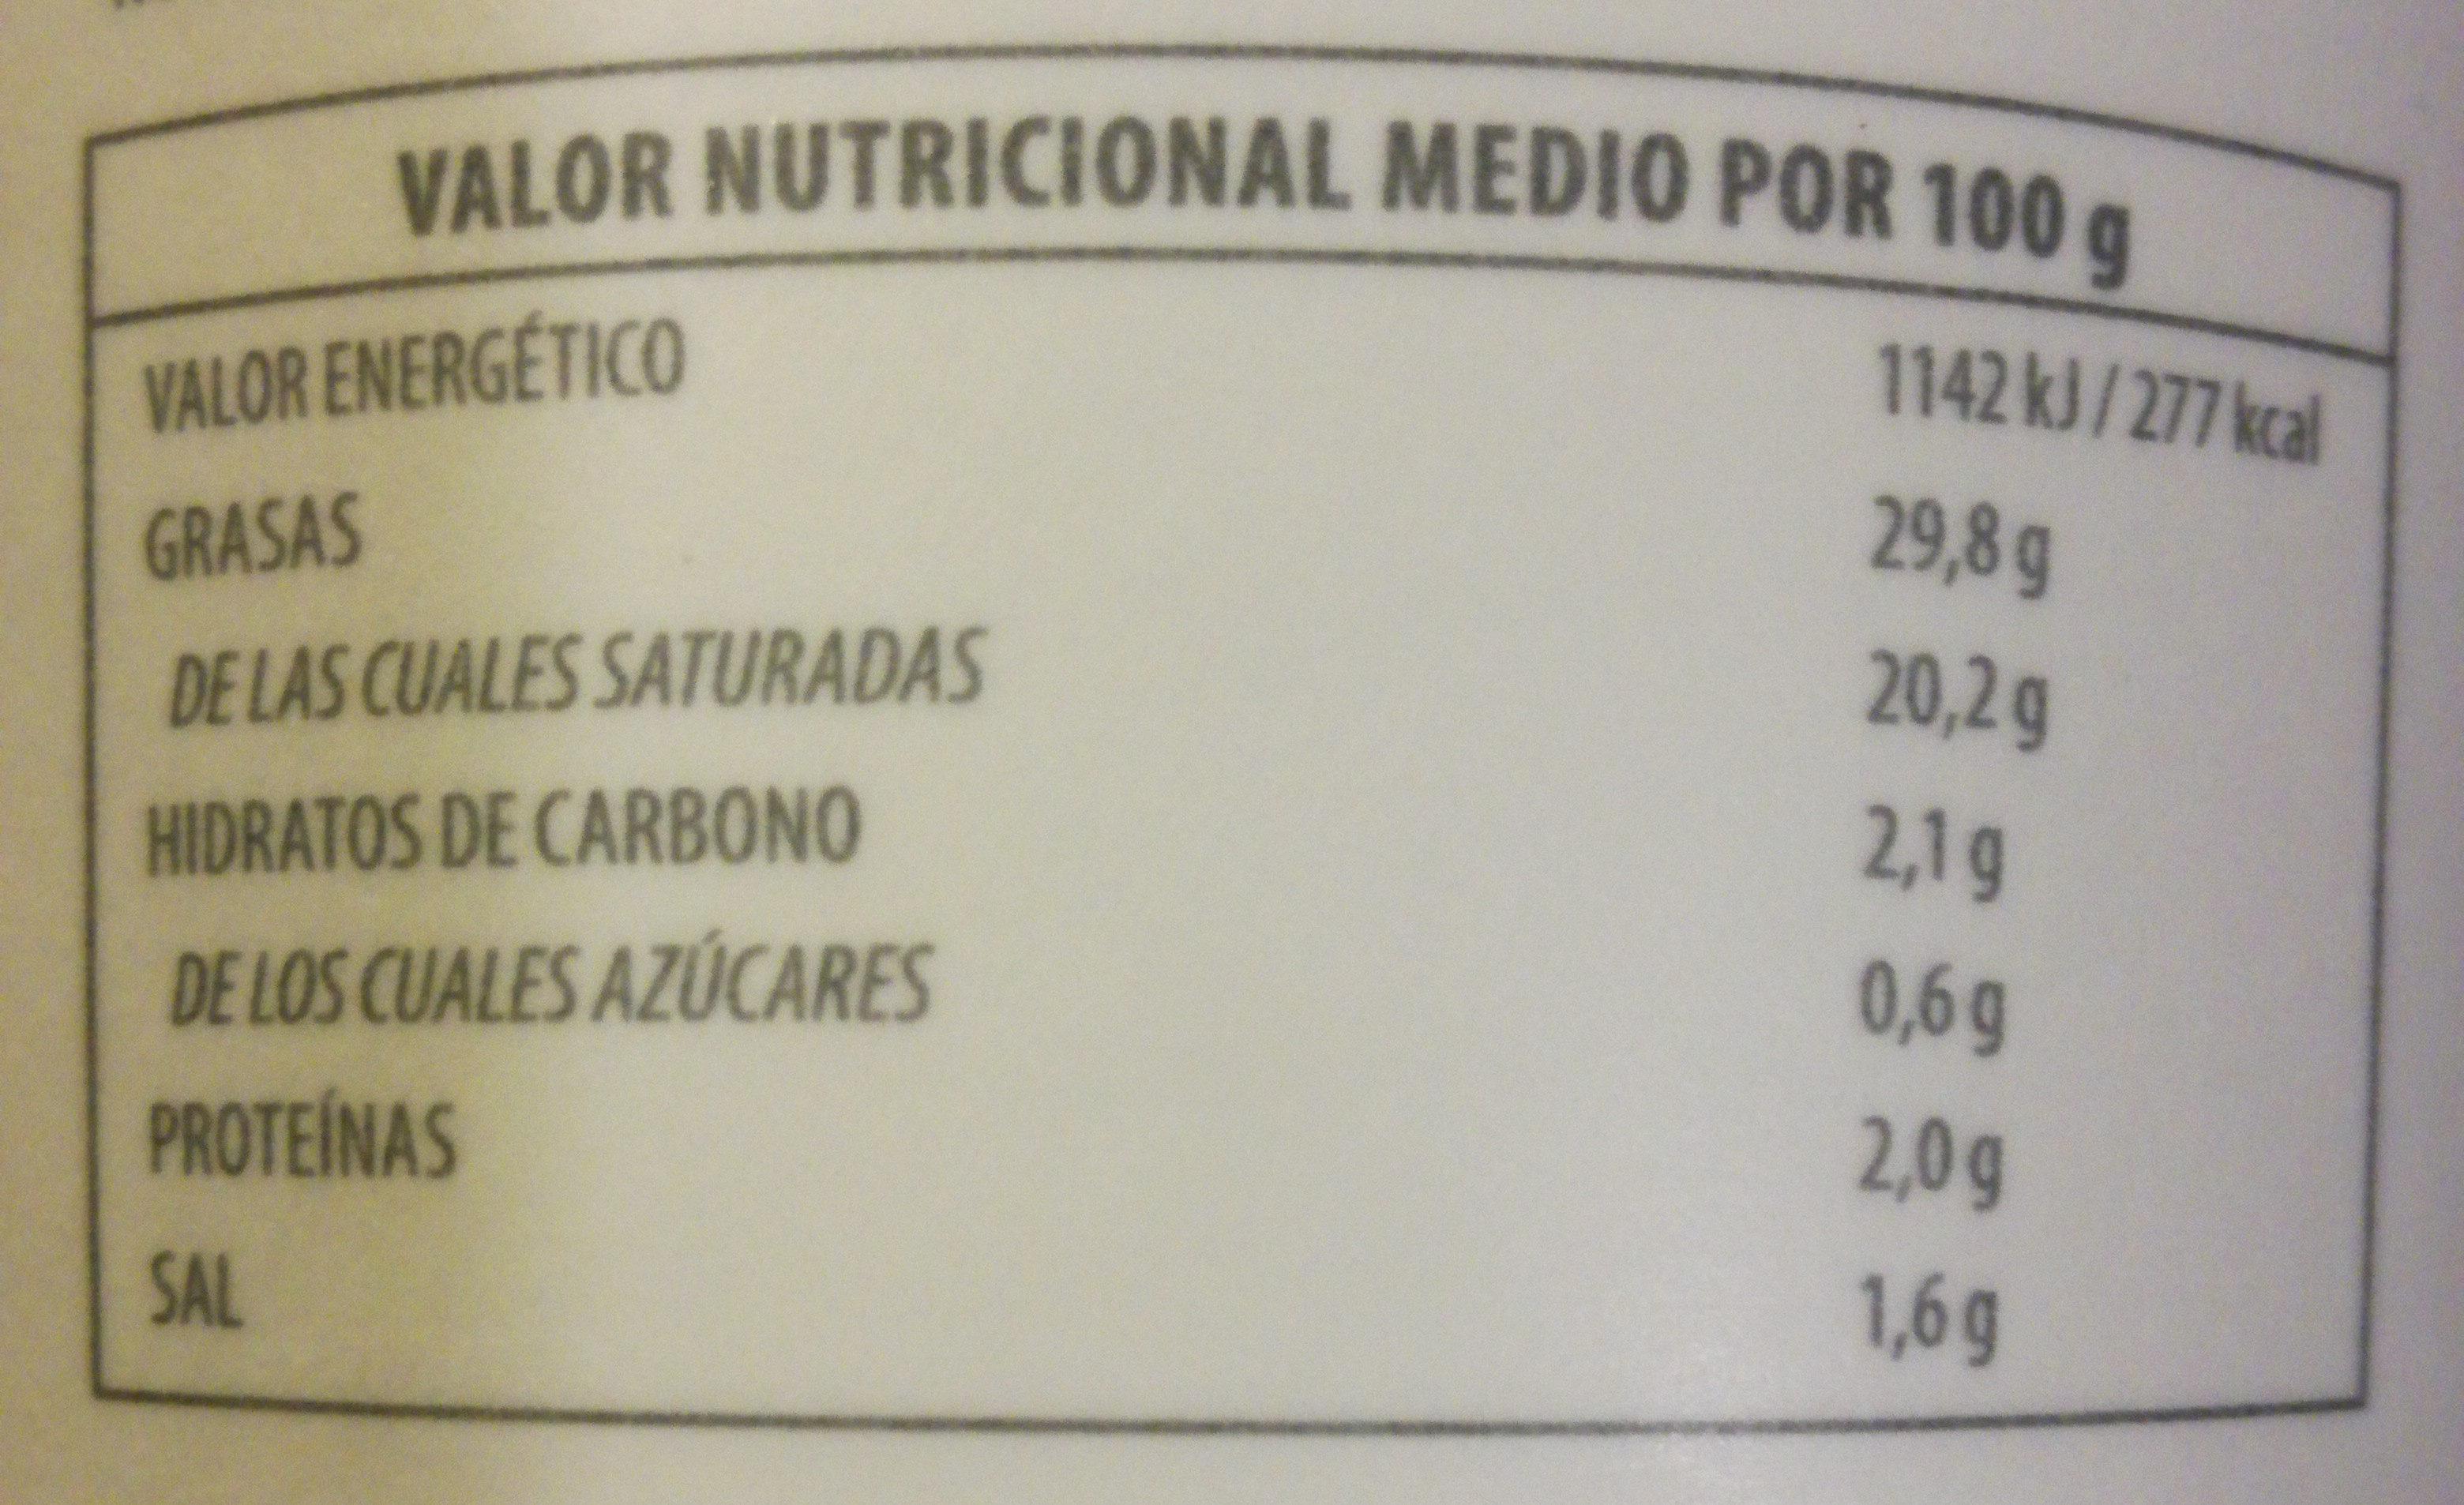 Creme fraiche - Información nutricional